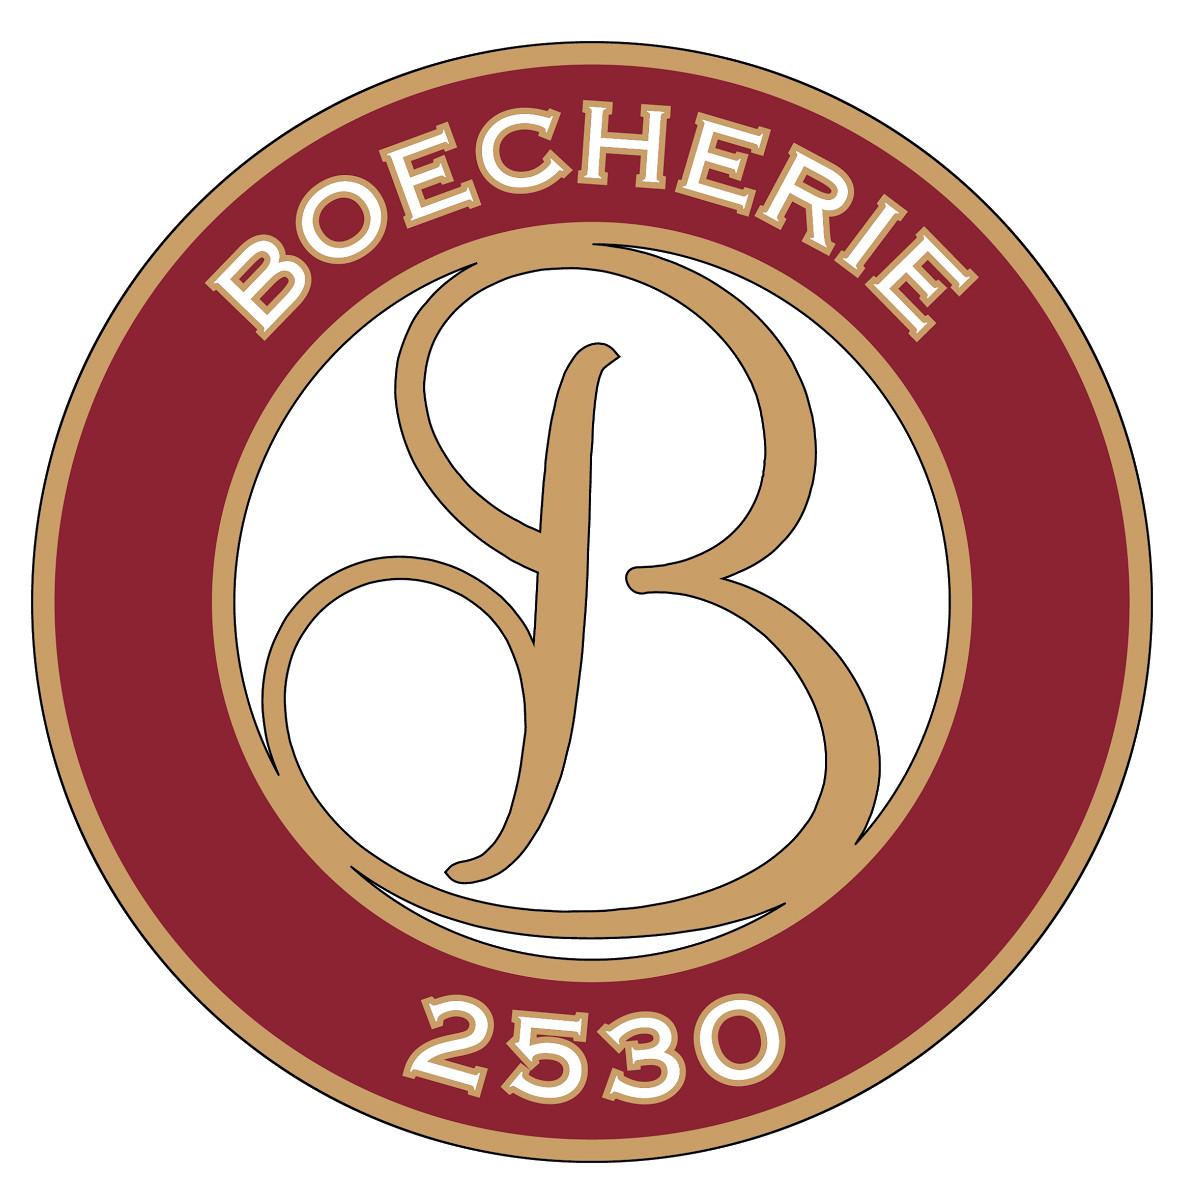 Boecherie